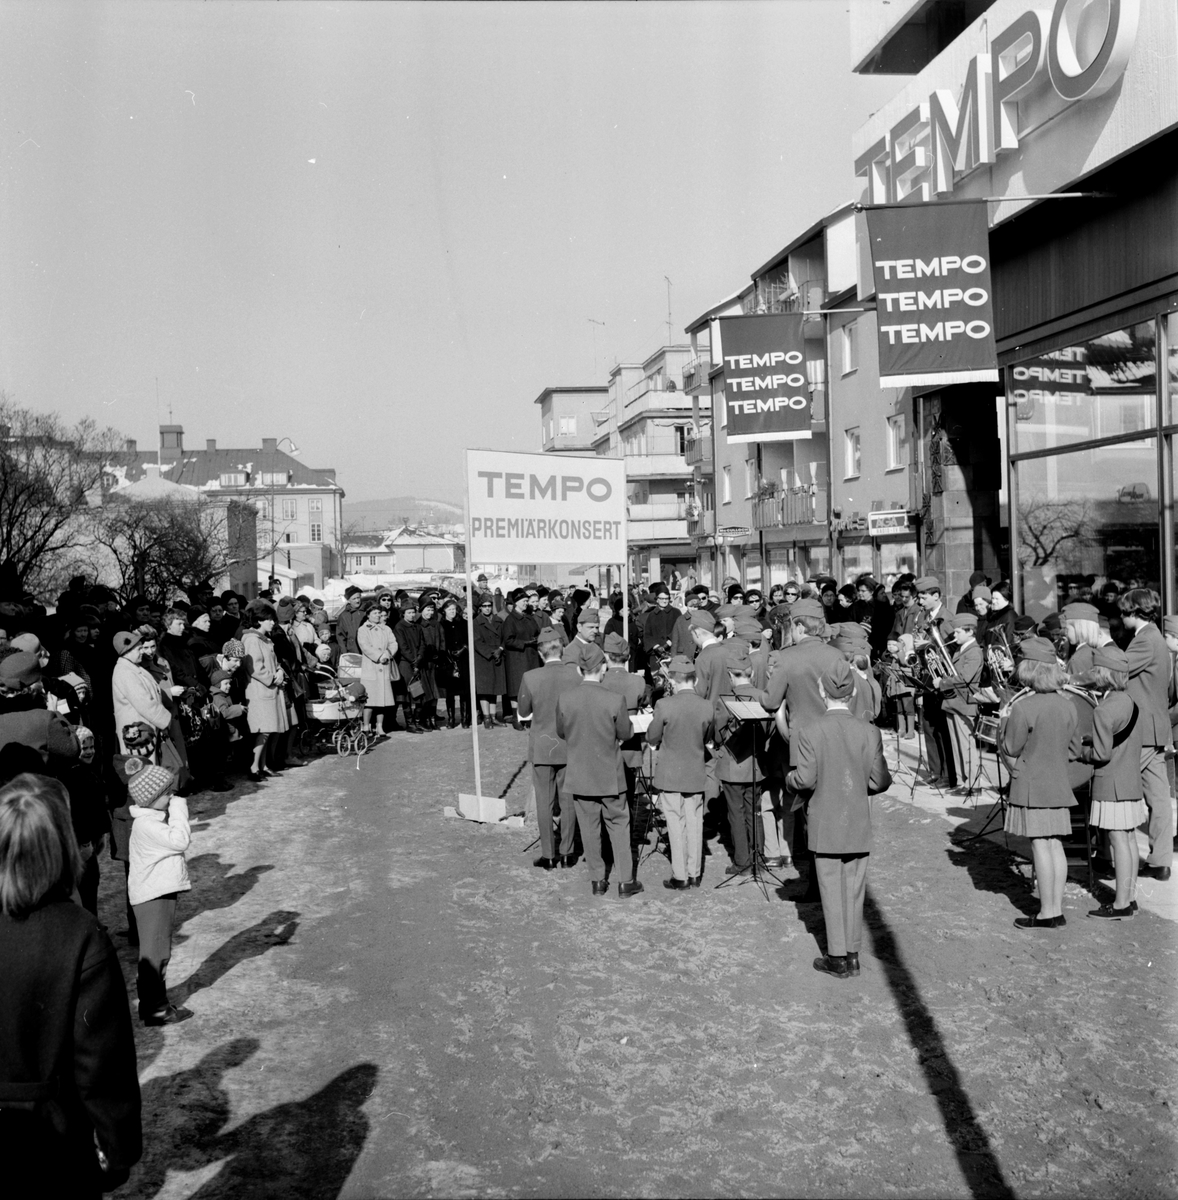 Tempo, Bollnäs, 30 Aug 1966